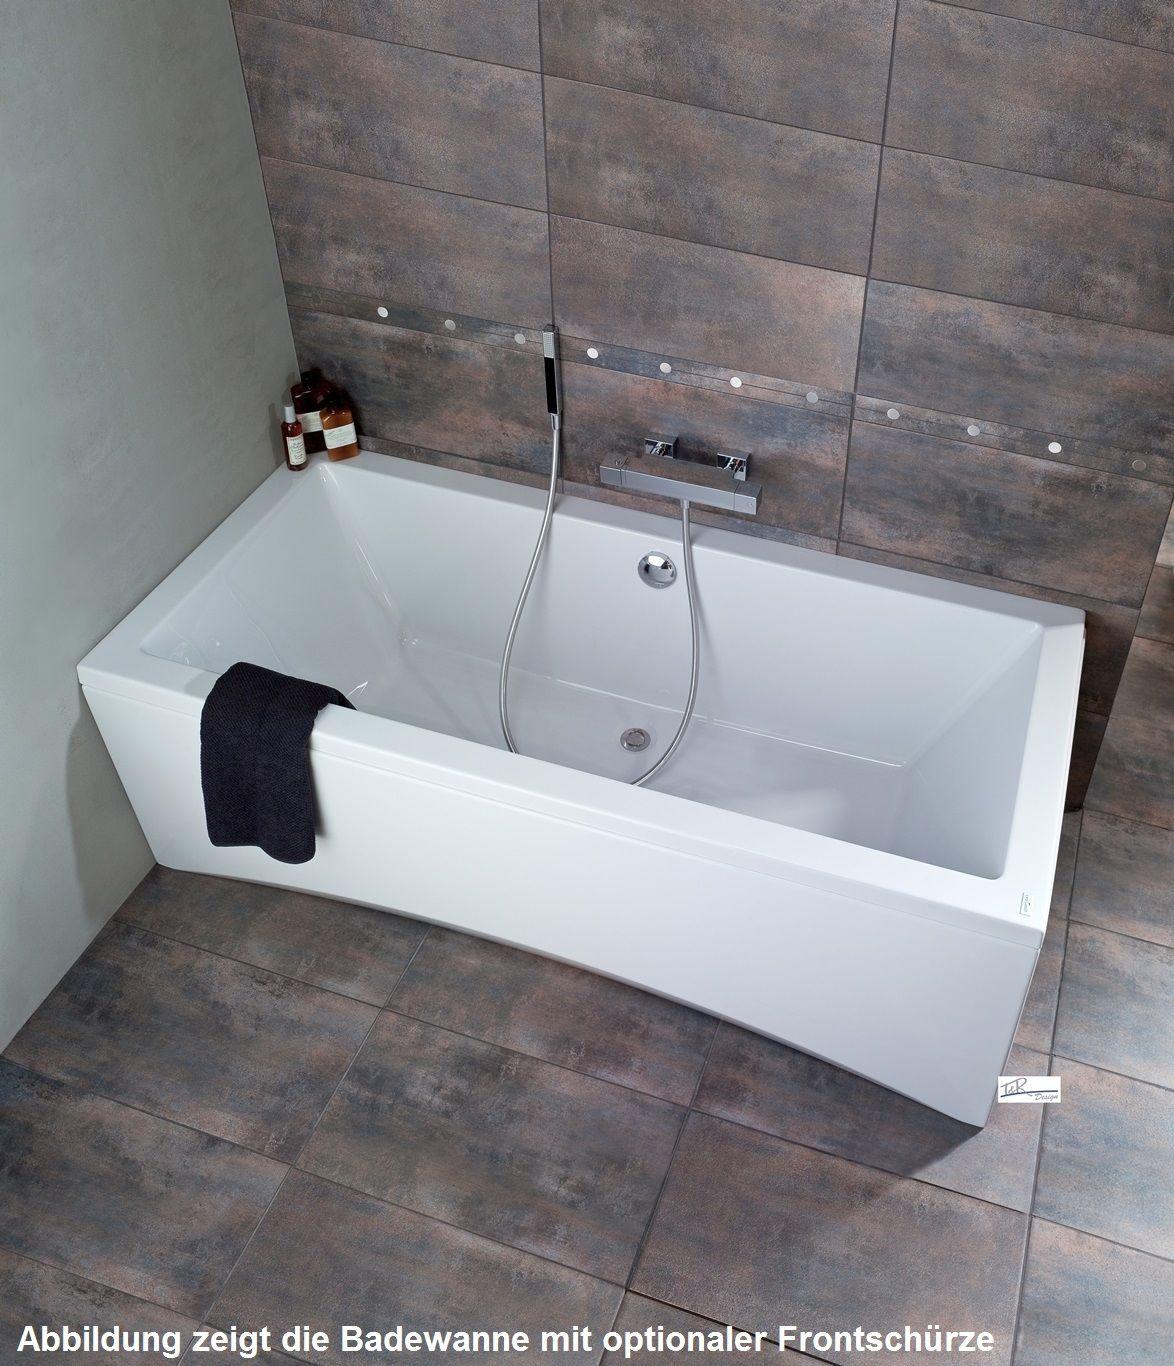 badewanne intro 170 x 75 top seller zum schn ppchenpreis. Black Bedroom Furniture Sets. Home Design Ideas